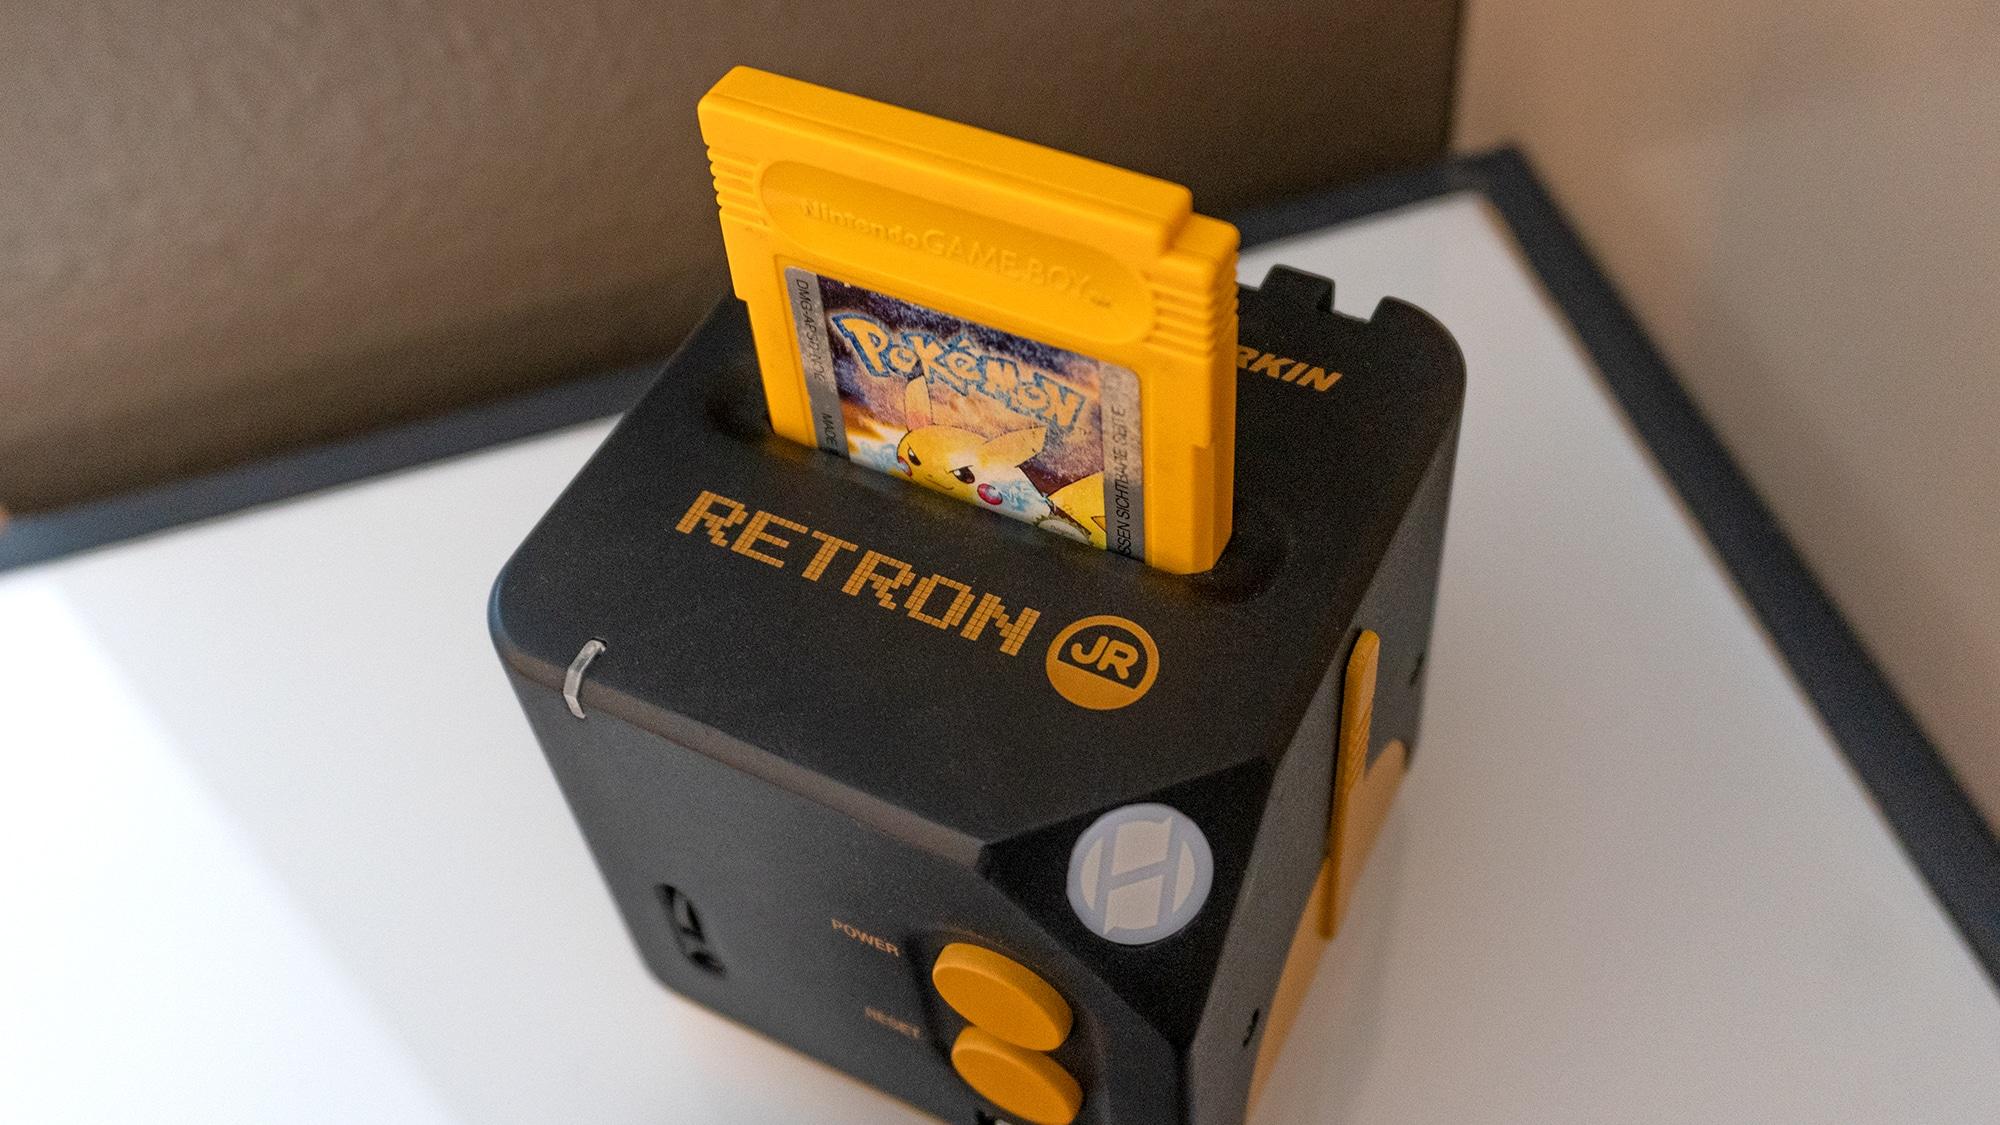 Retro trifft auf HD - der RetroN Jr. spielt eure alten Gameboy-Module ab. (Foto: Gizmodo)